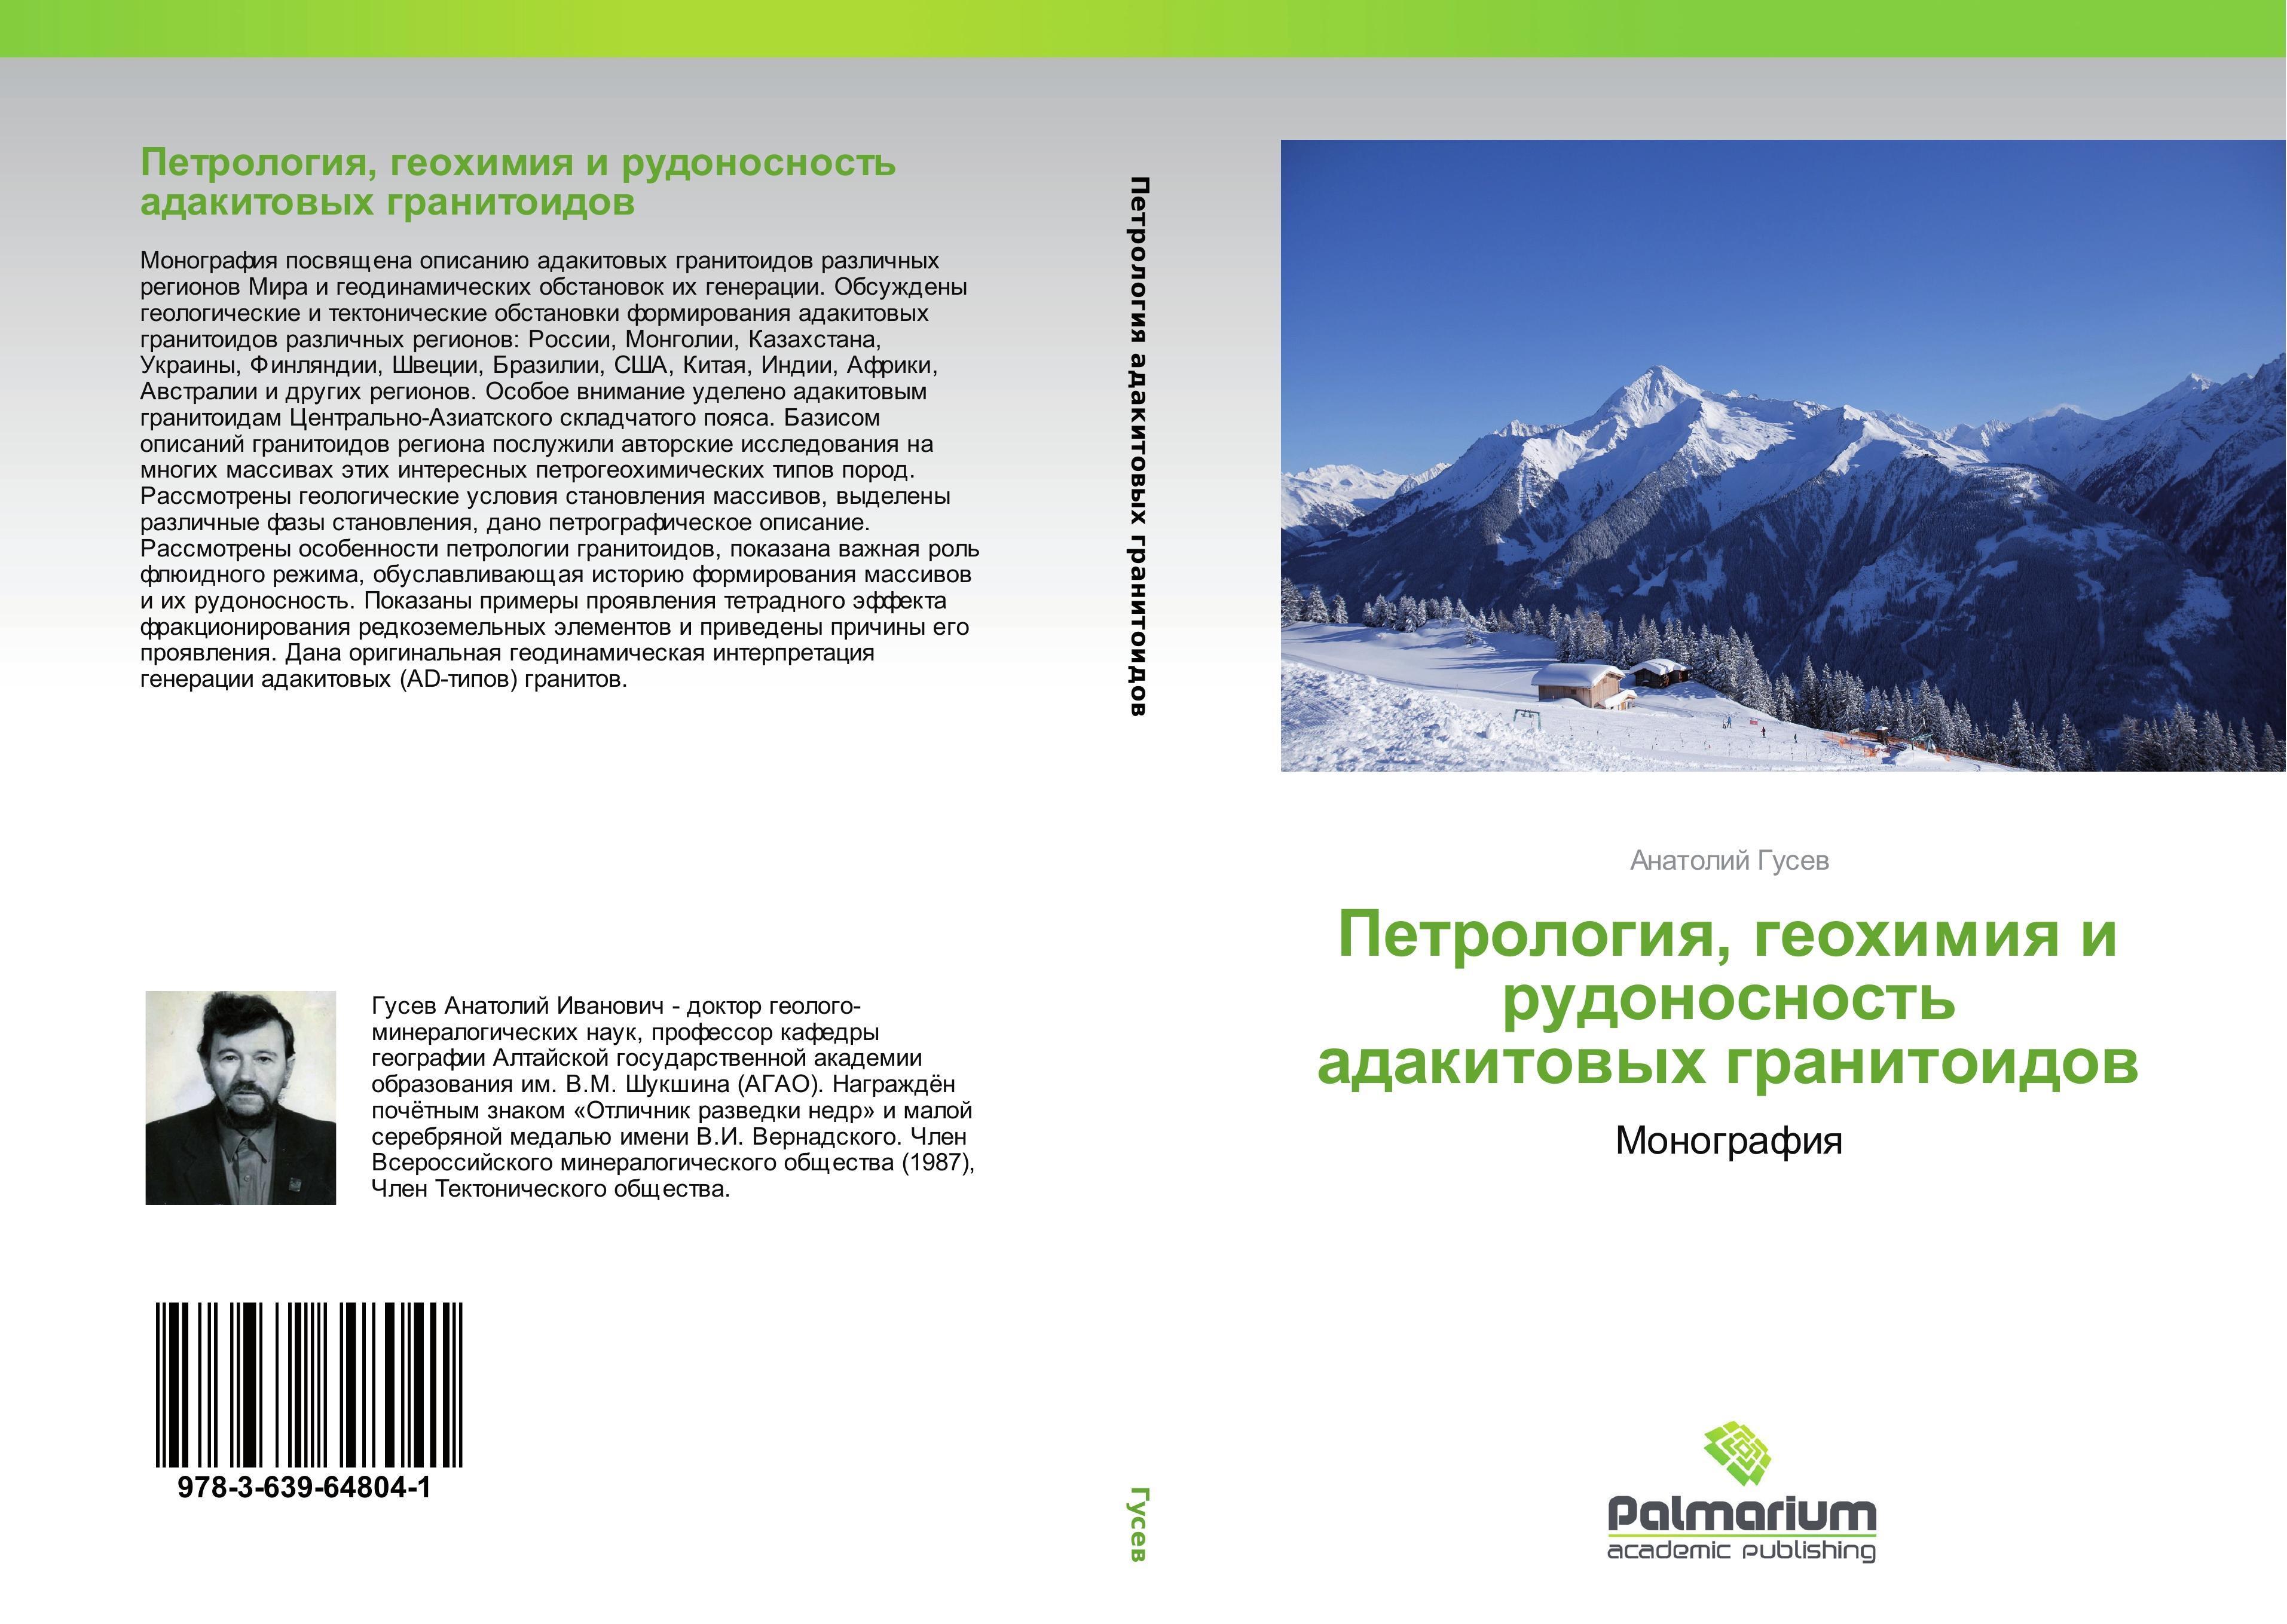 Anatoliy Gusev / Petrologiya, geokhimiya i rudonosnost' adak ... 9783639648041